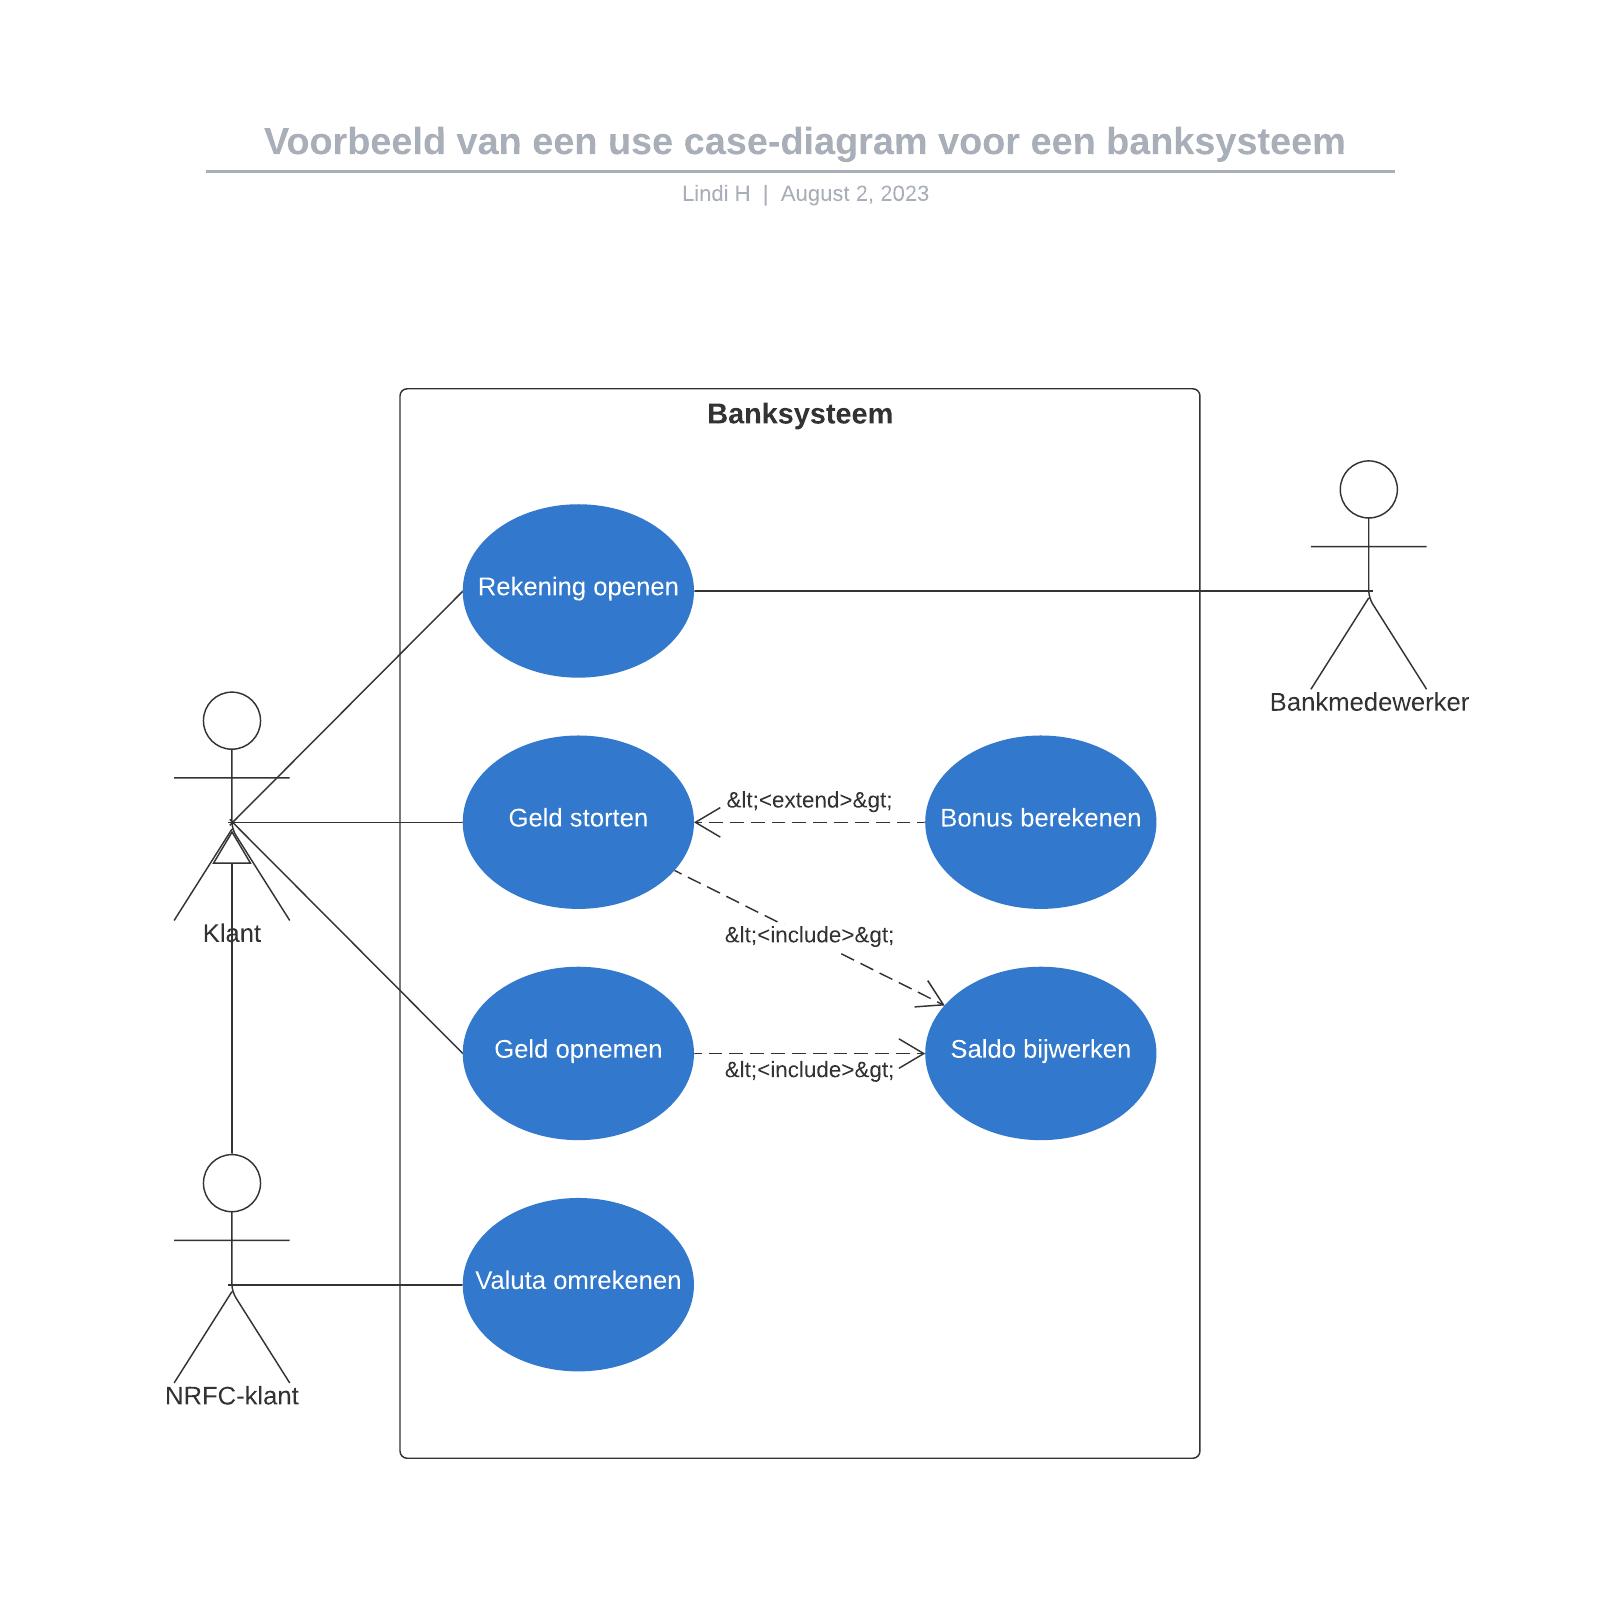 Voorbeeld van een use case-diagram voor een banksysteem